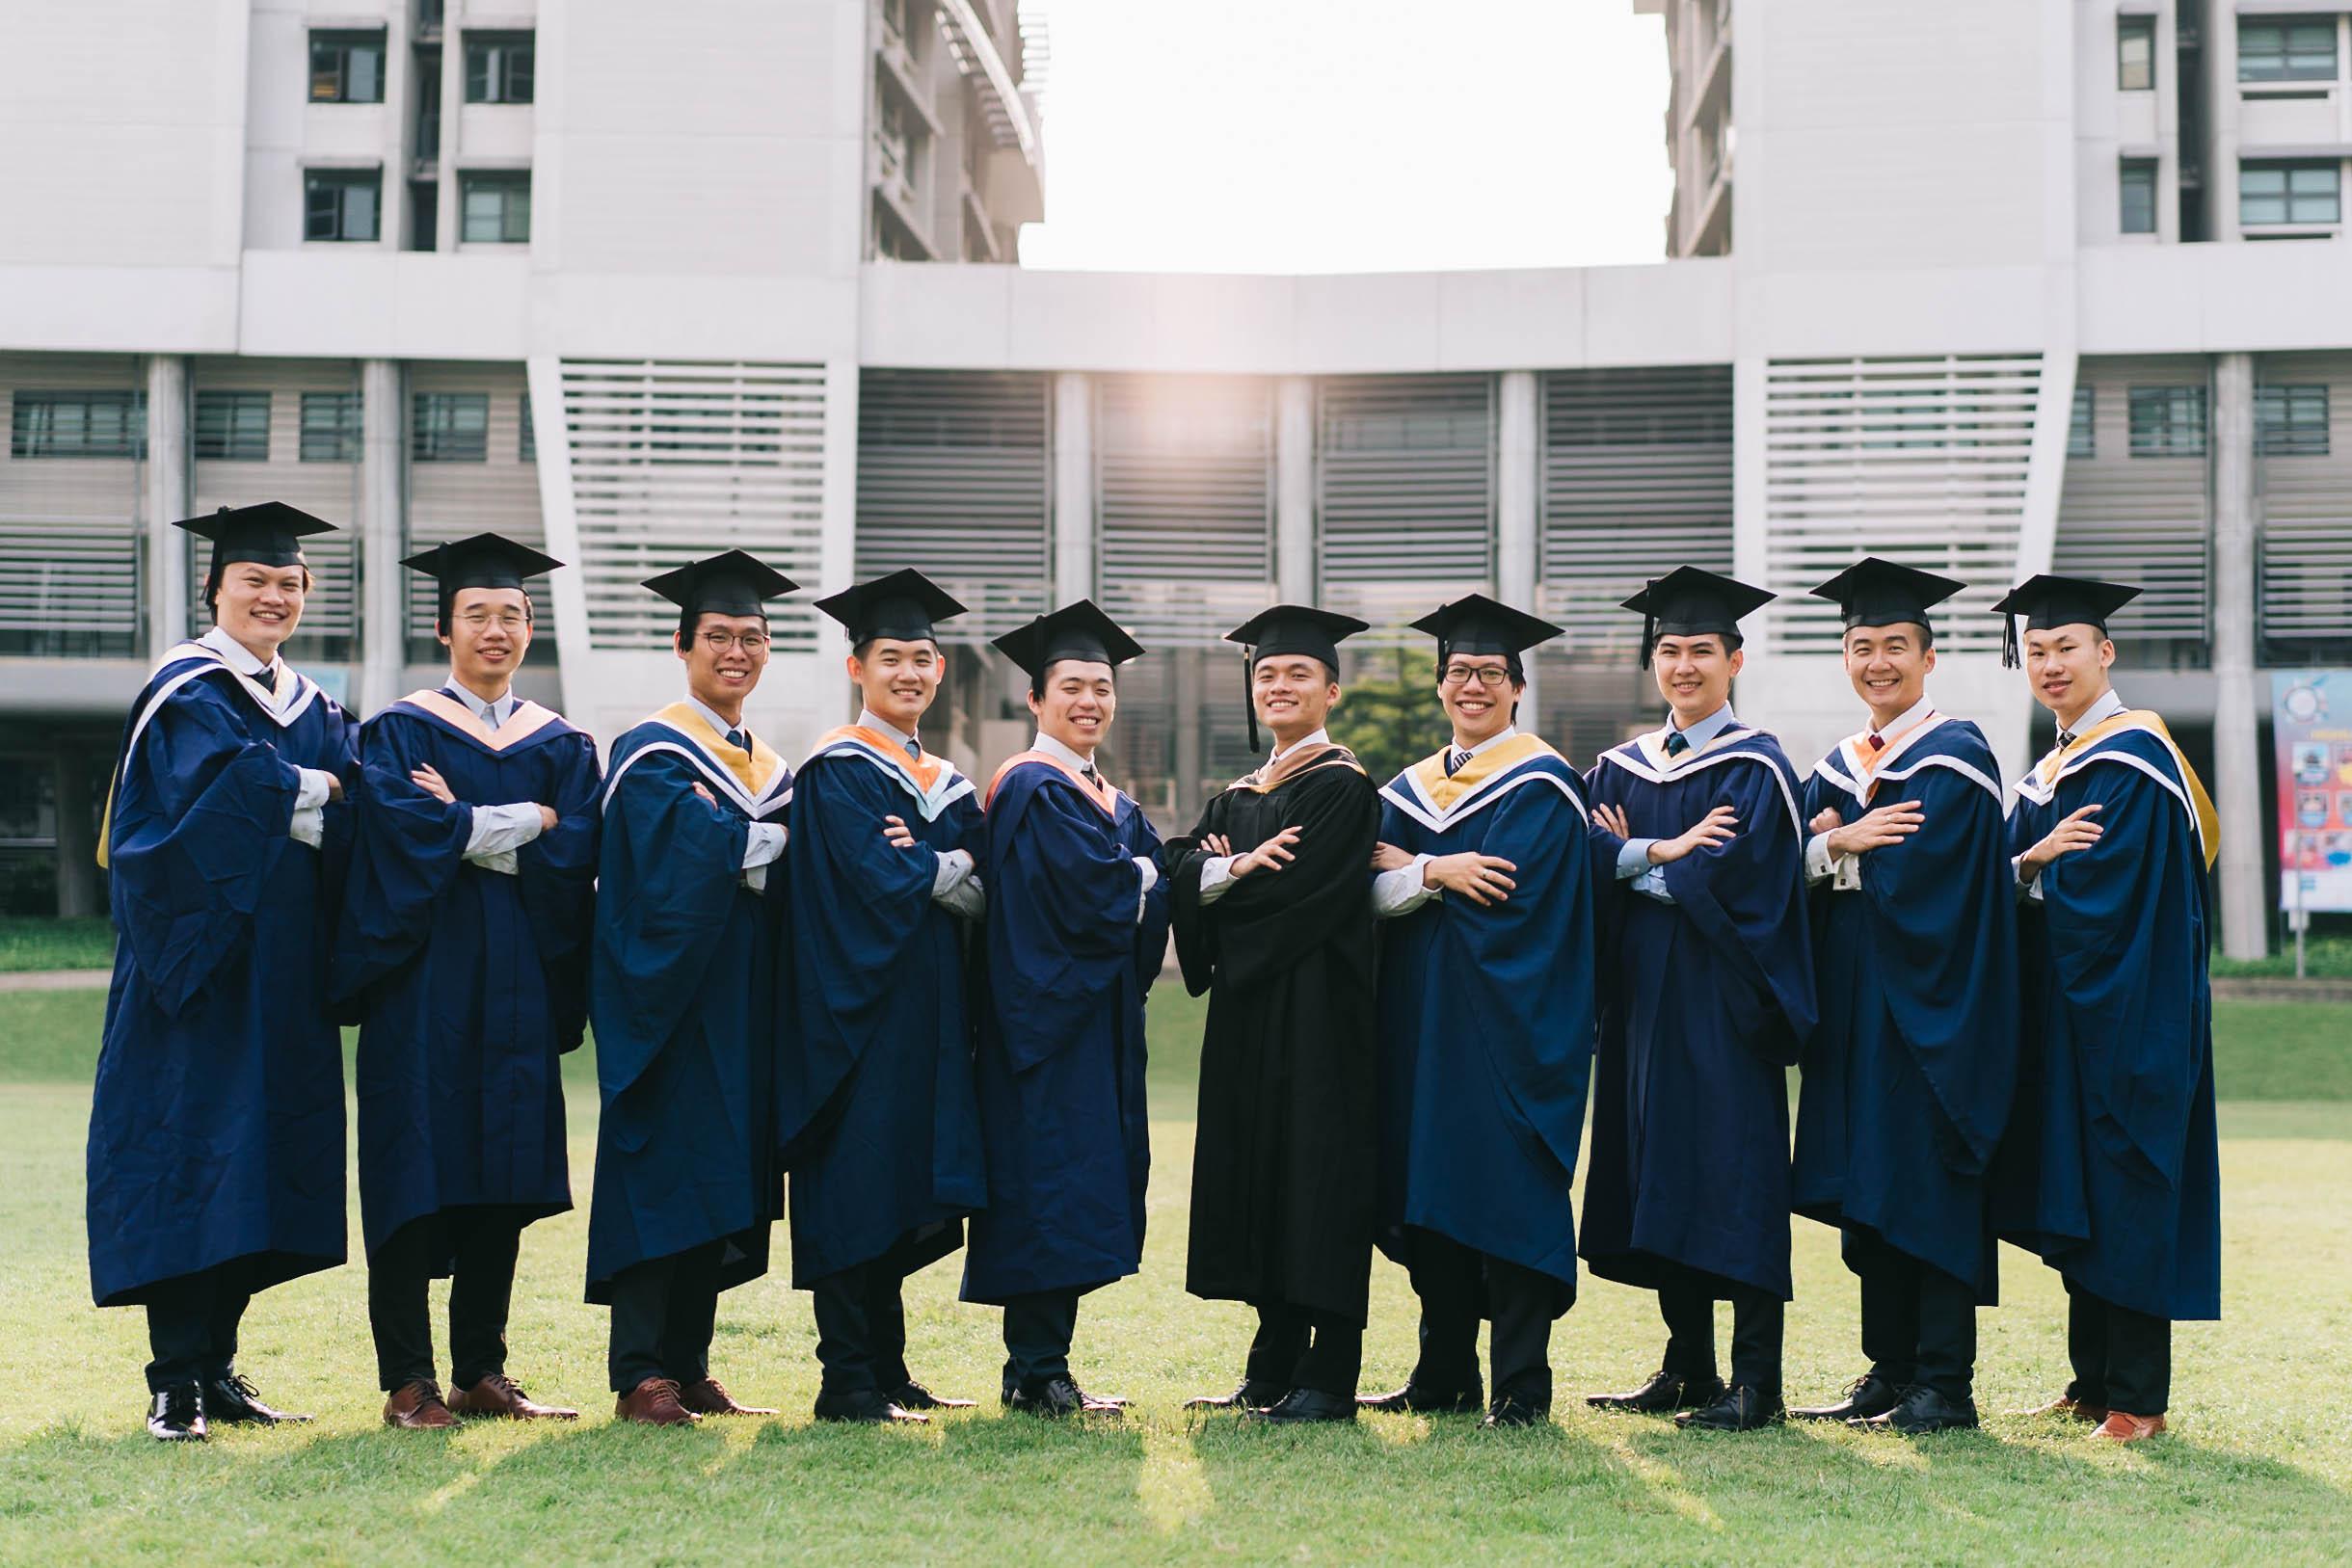 20180729-Graduation - Portfolio-013